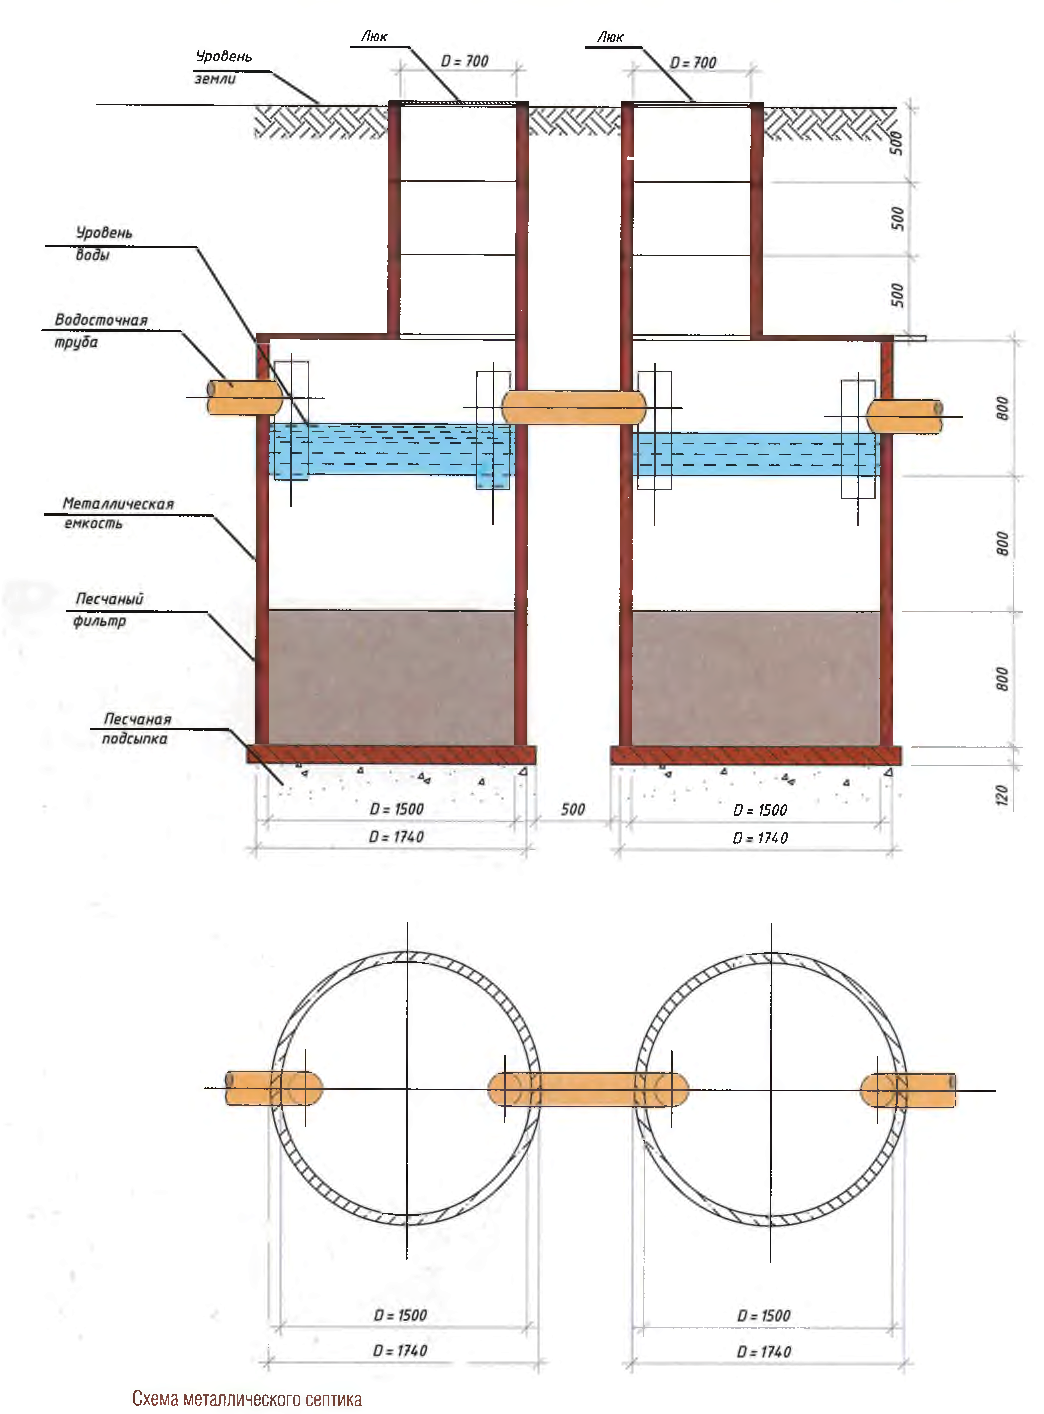 Схема септика из металлической емкости